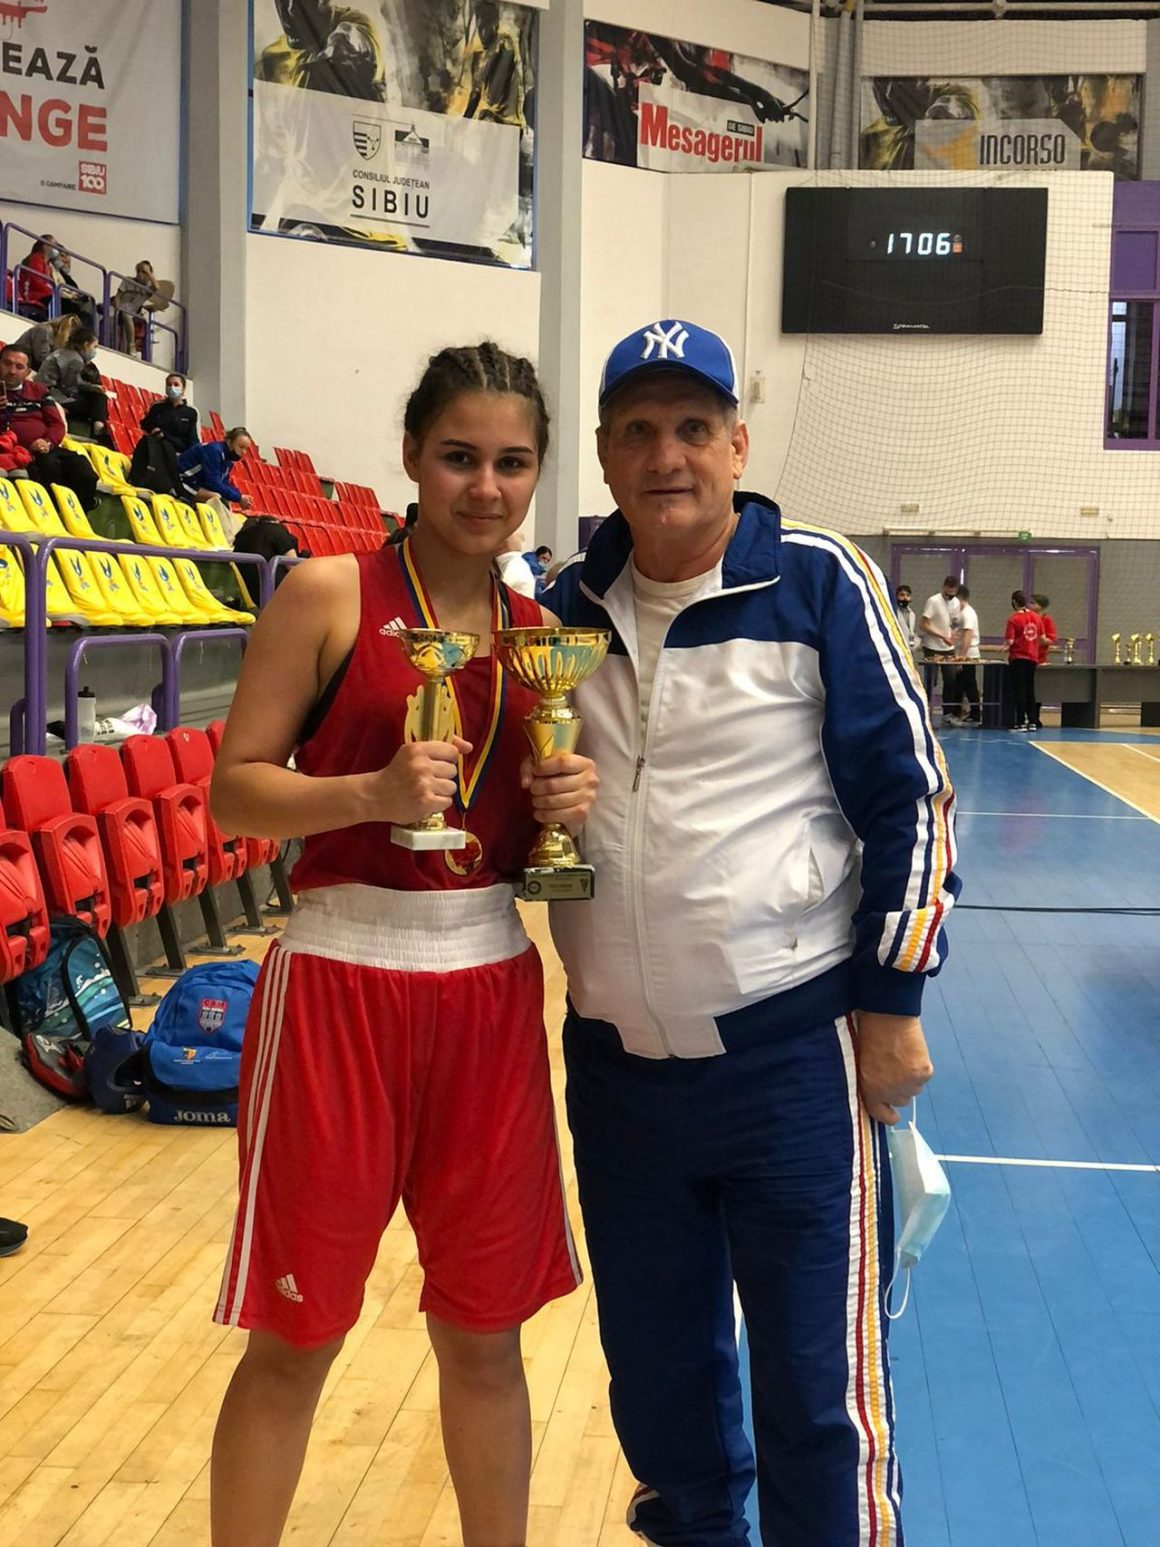 Isabel Pîrvu va reprezenta România la Campionatele Europene de Box pentru Juniori!